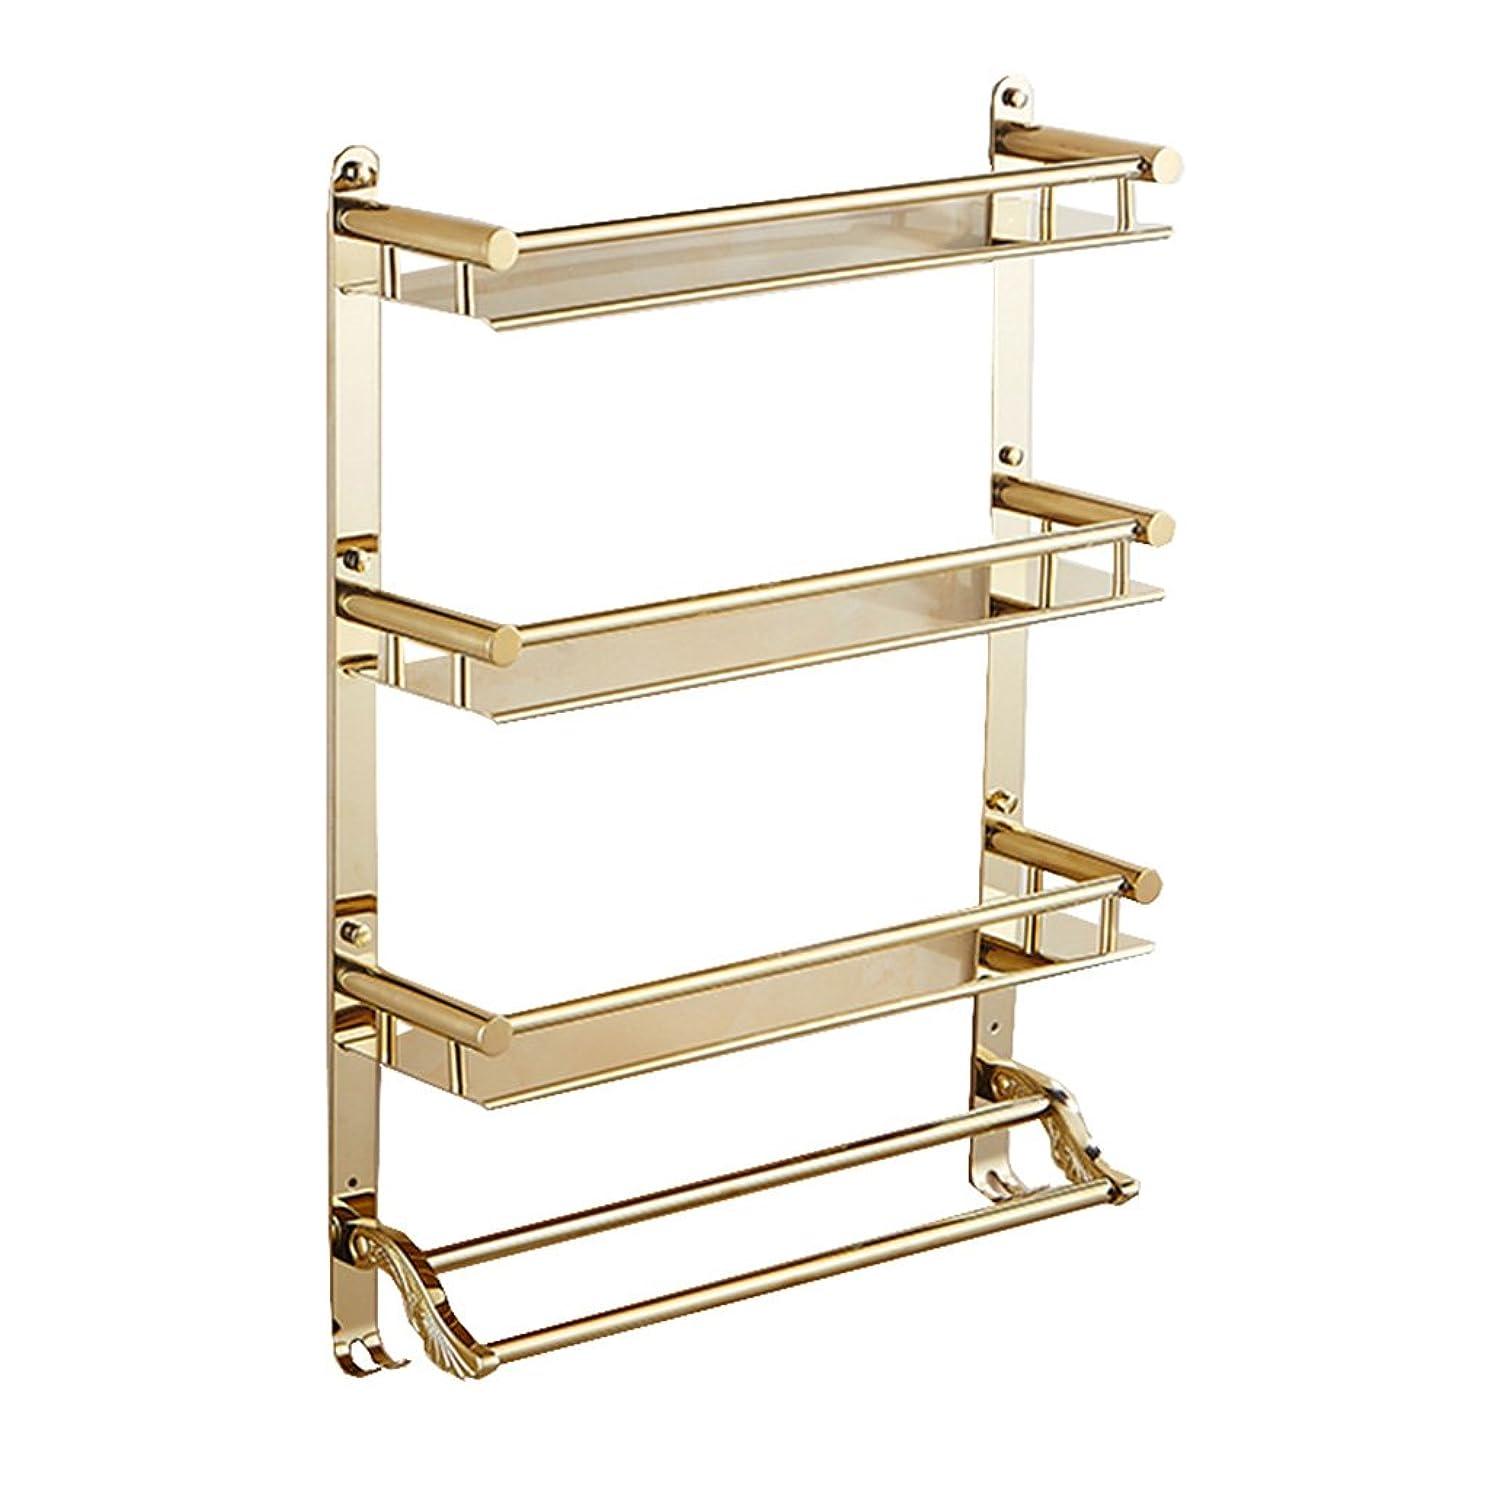 おびえたメタリック重量JTWJ ヨーロッパスタイルの金色のバスルームの棚のタオルラックのバスルームステンレス製のタオルラックのバスルームの壁掛け棚 (Size : 40cm)